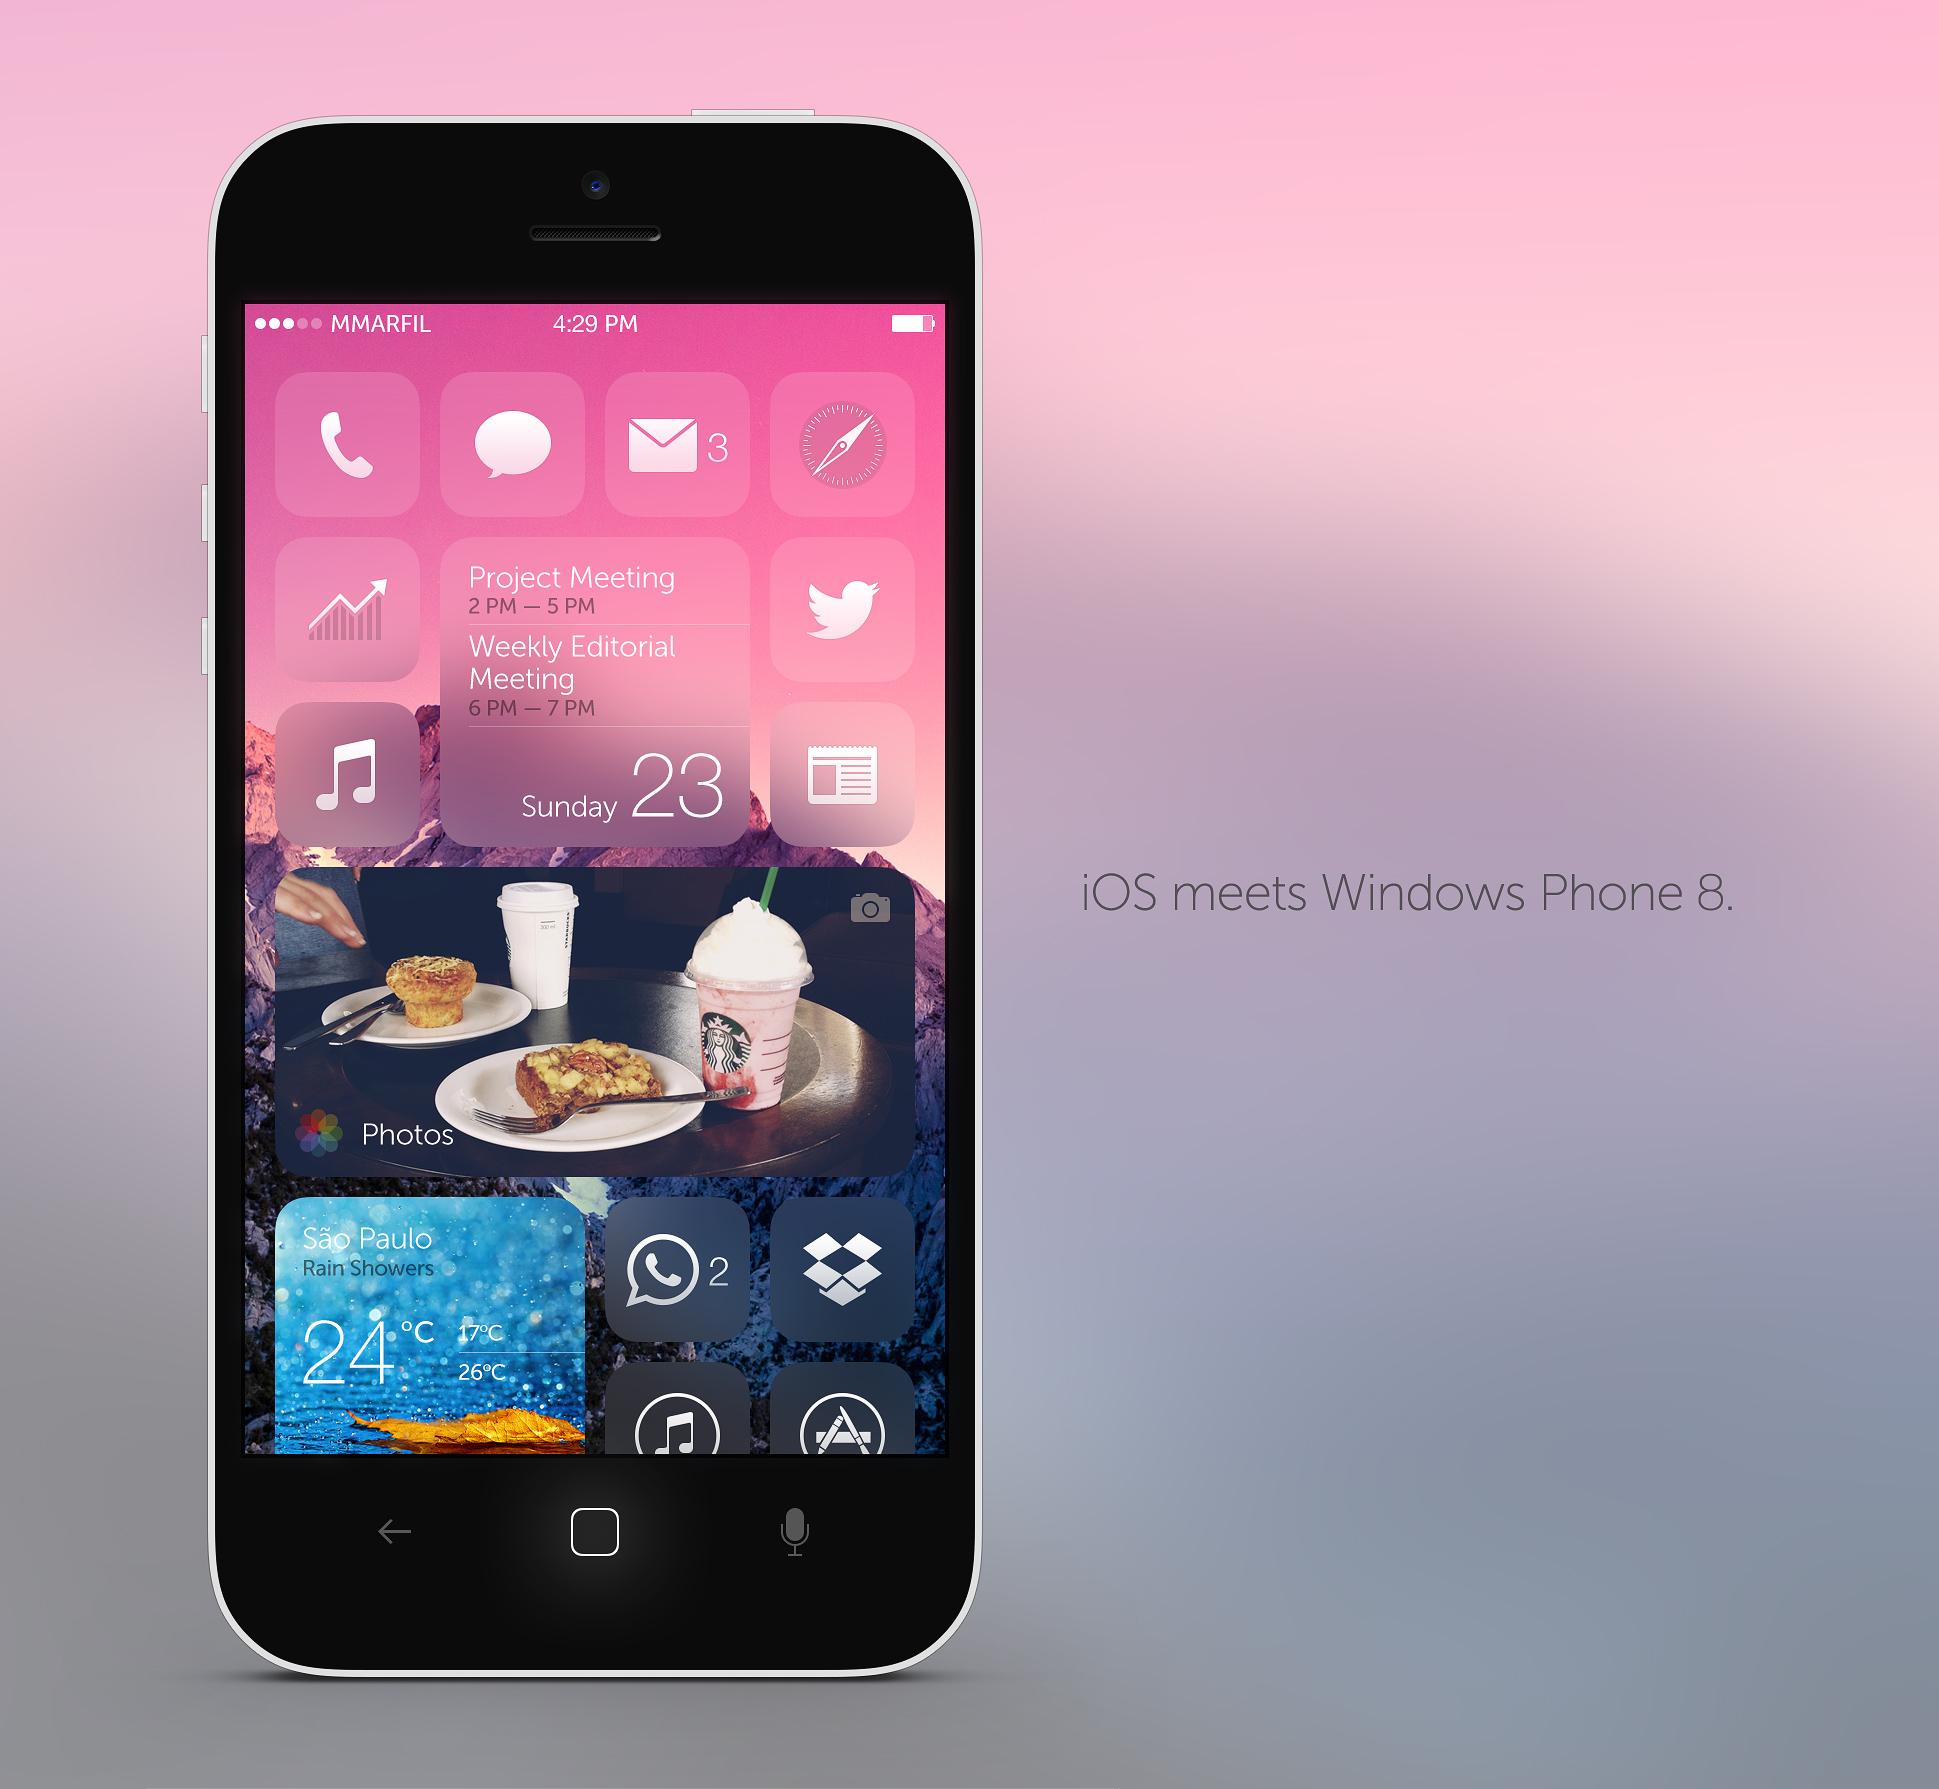 Casamento do iOS com o Windows Phone 8